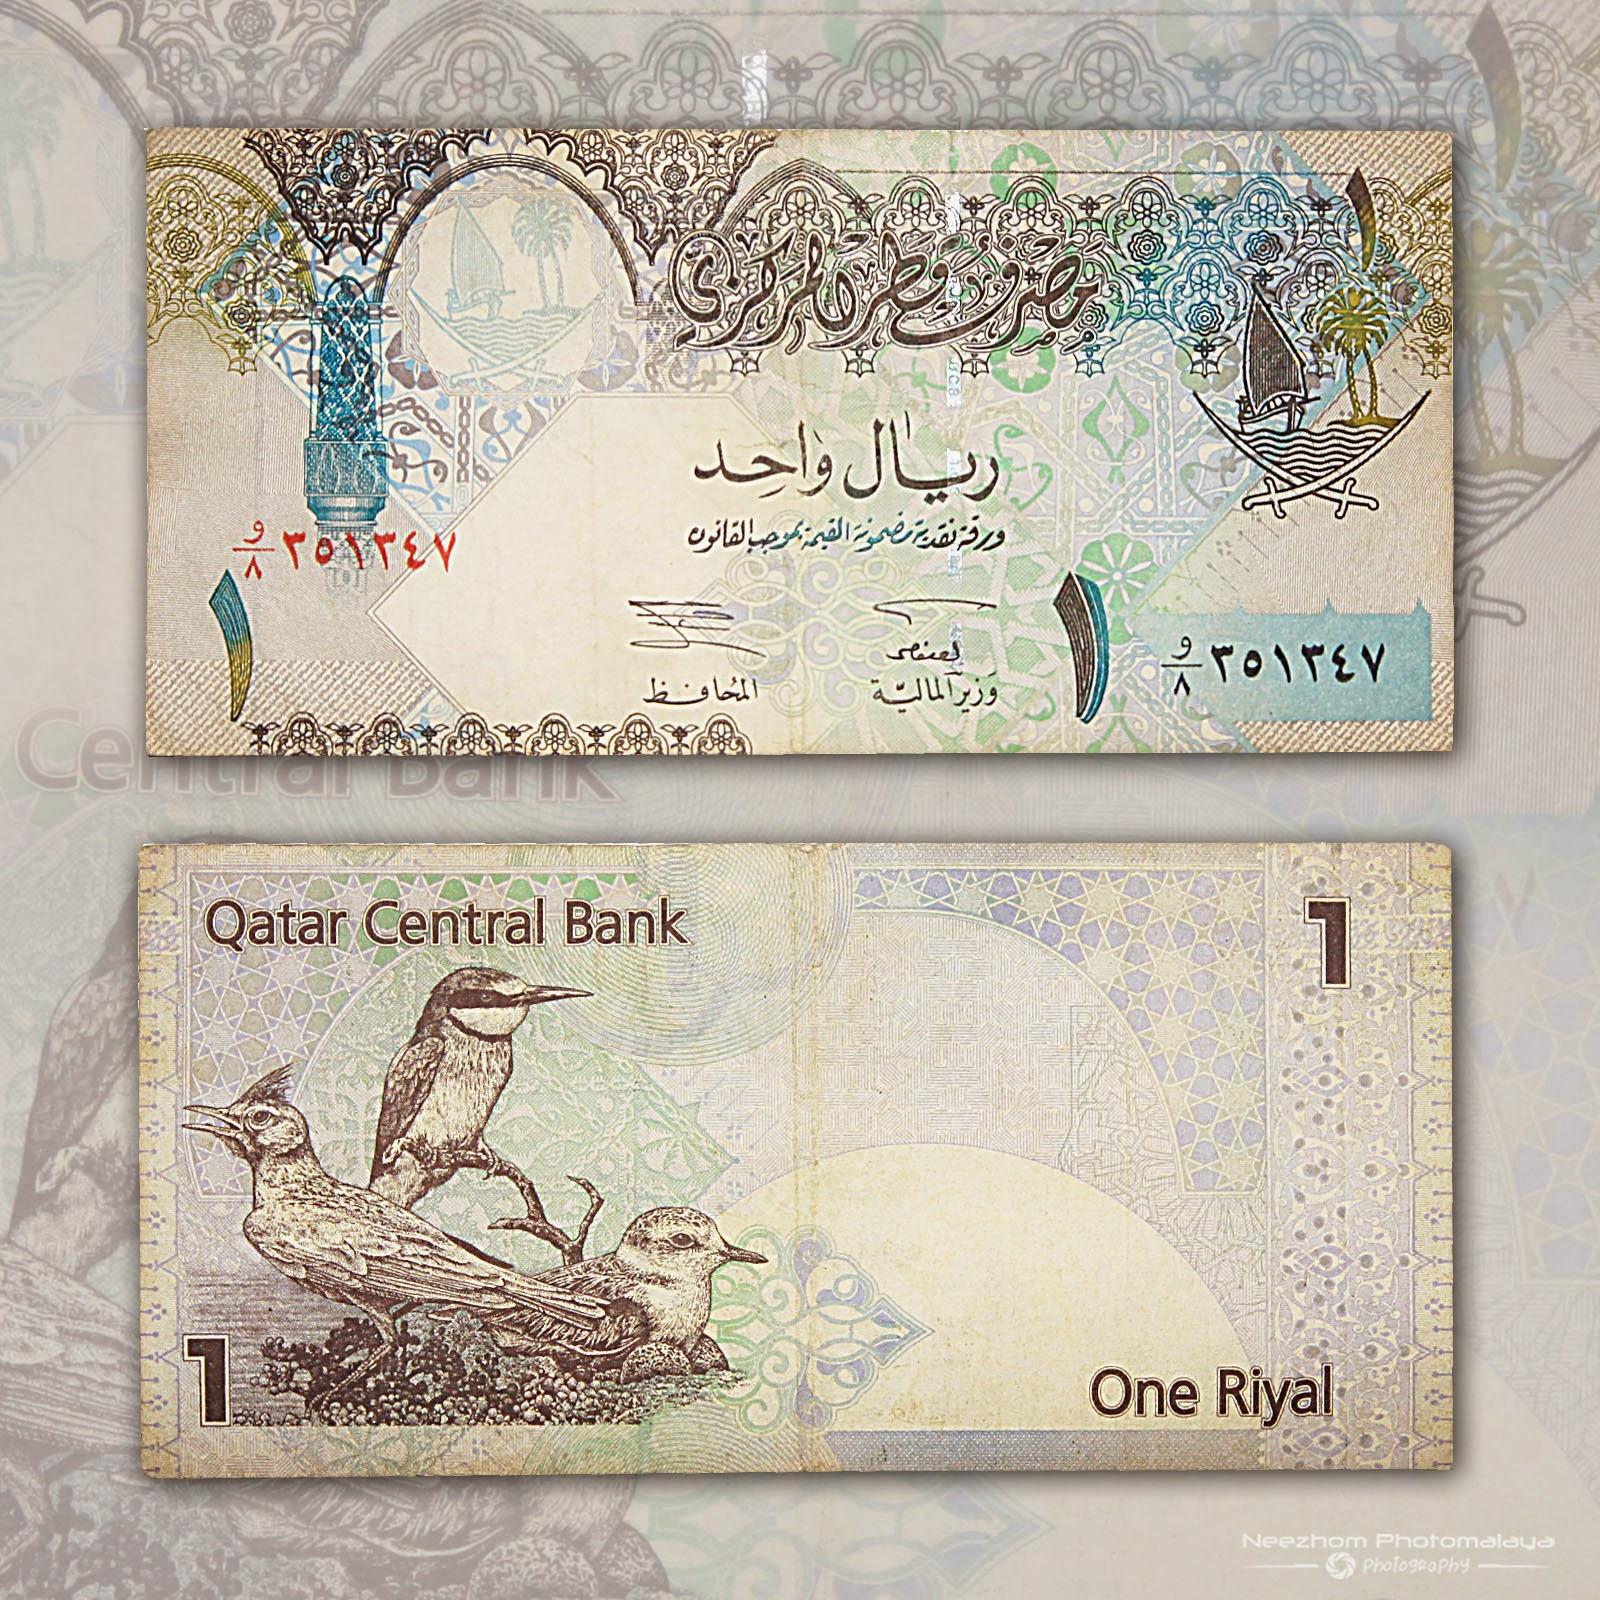 Qatar banknote 1 Riyal